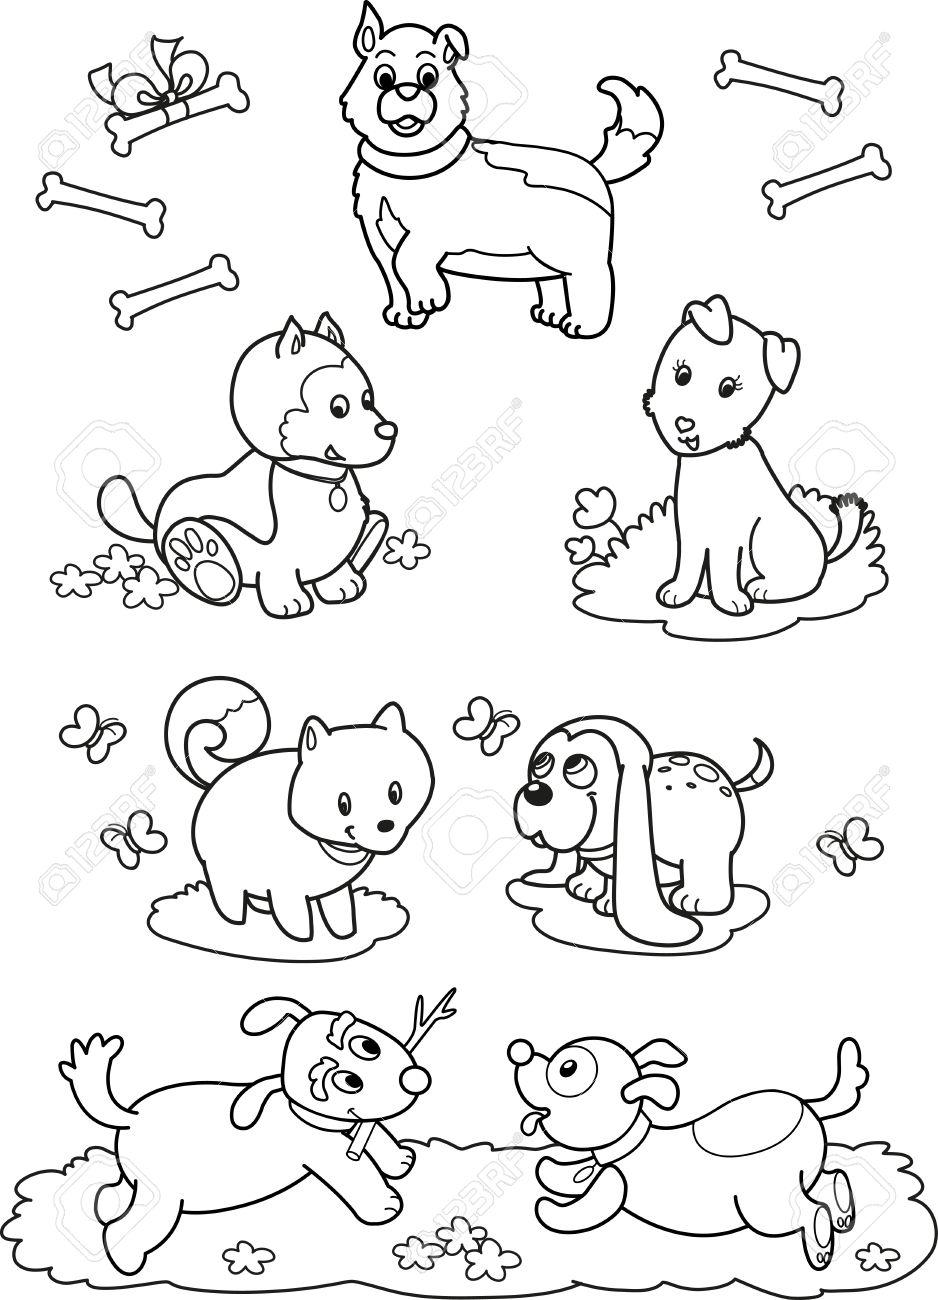 Dibujos En Blanco Y Negro, Ilustración, Siete Perros Diferentes ...